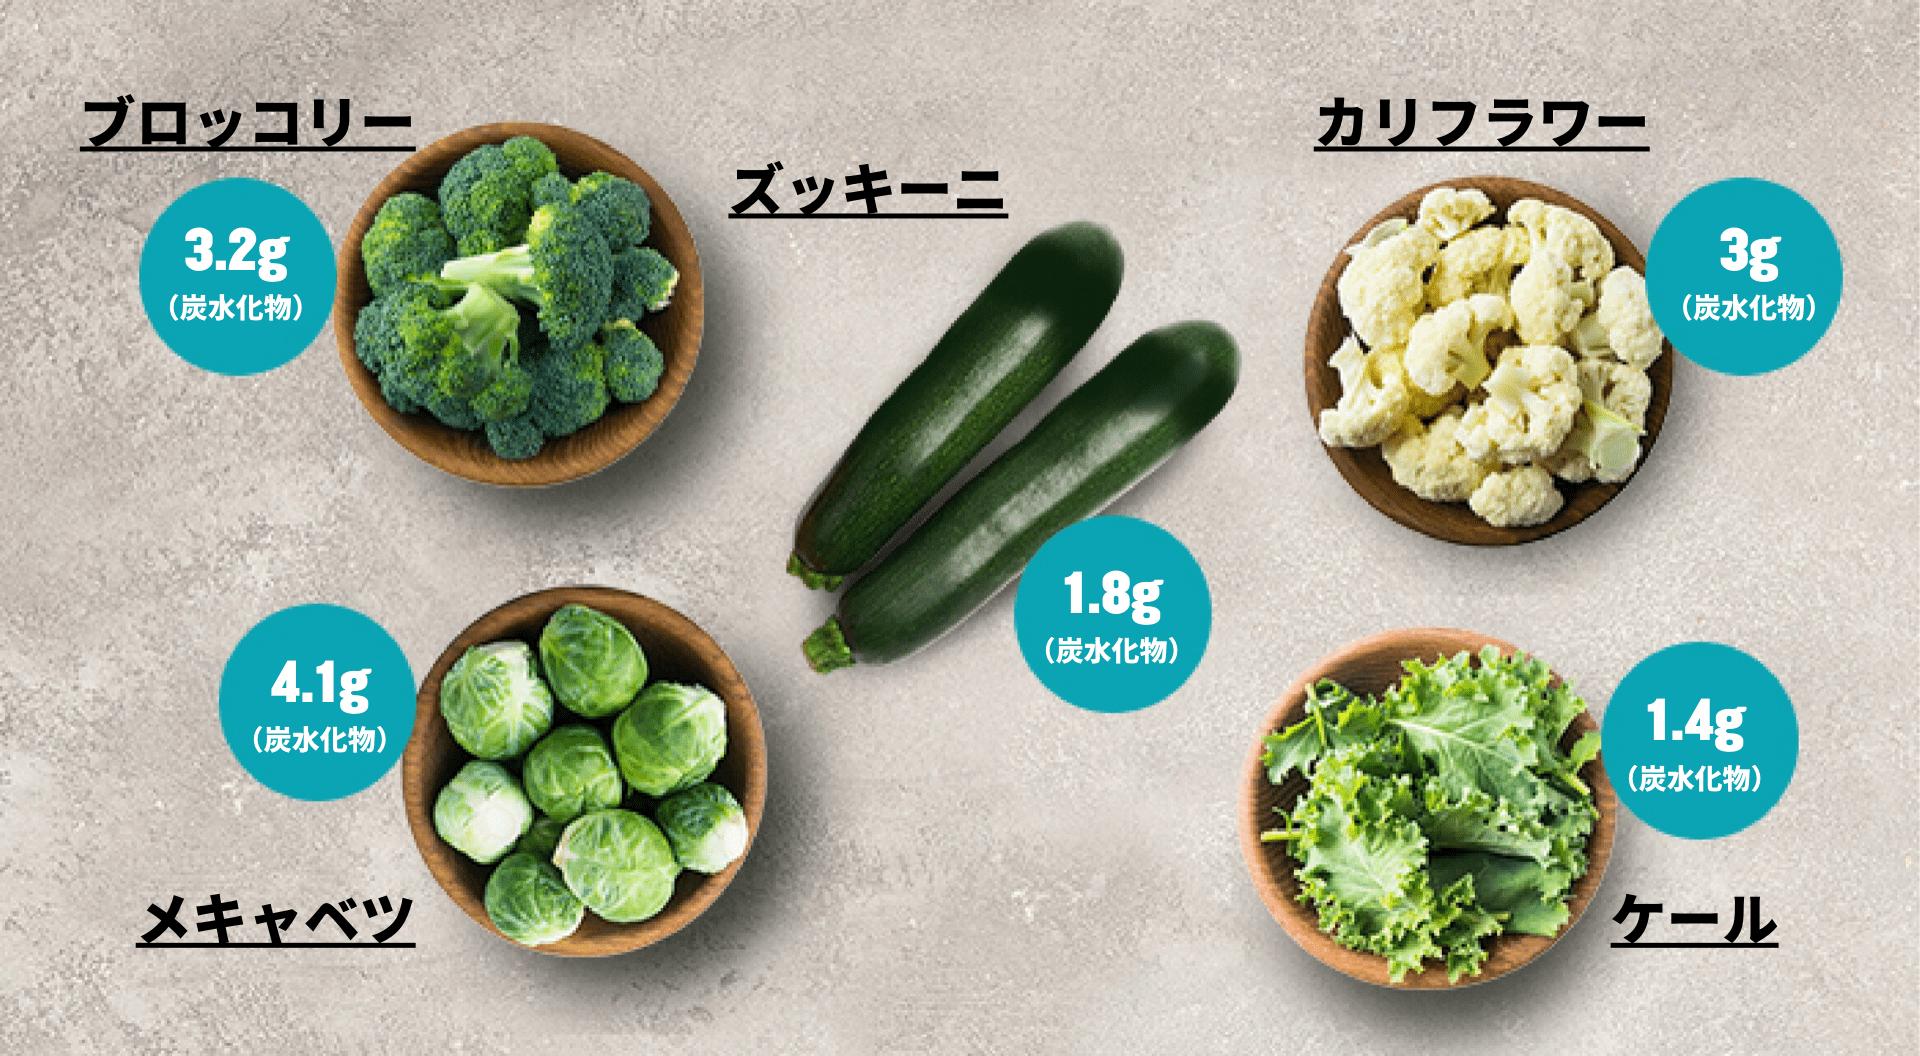 ケトジェニックダイエット 低炭水化物の野菜|マイプロテイン